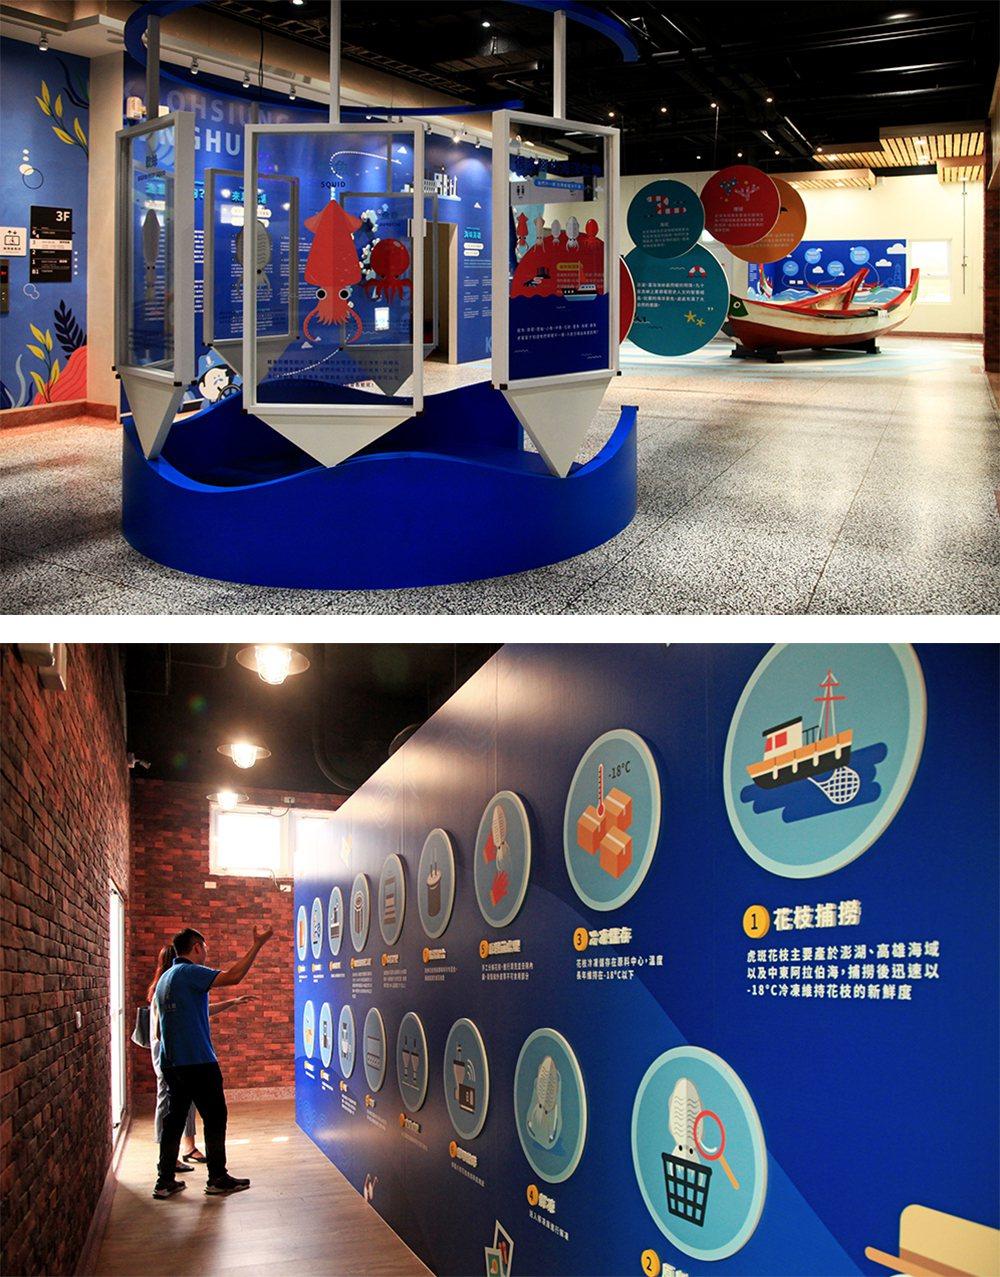 位于3楼的观光工厂透过精致规划让游客了解许多海洋生态的知识。 (摄影/曾信耀)